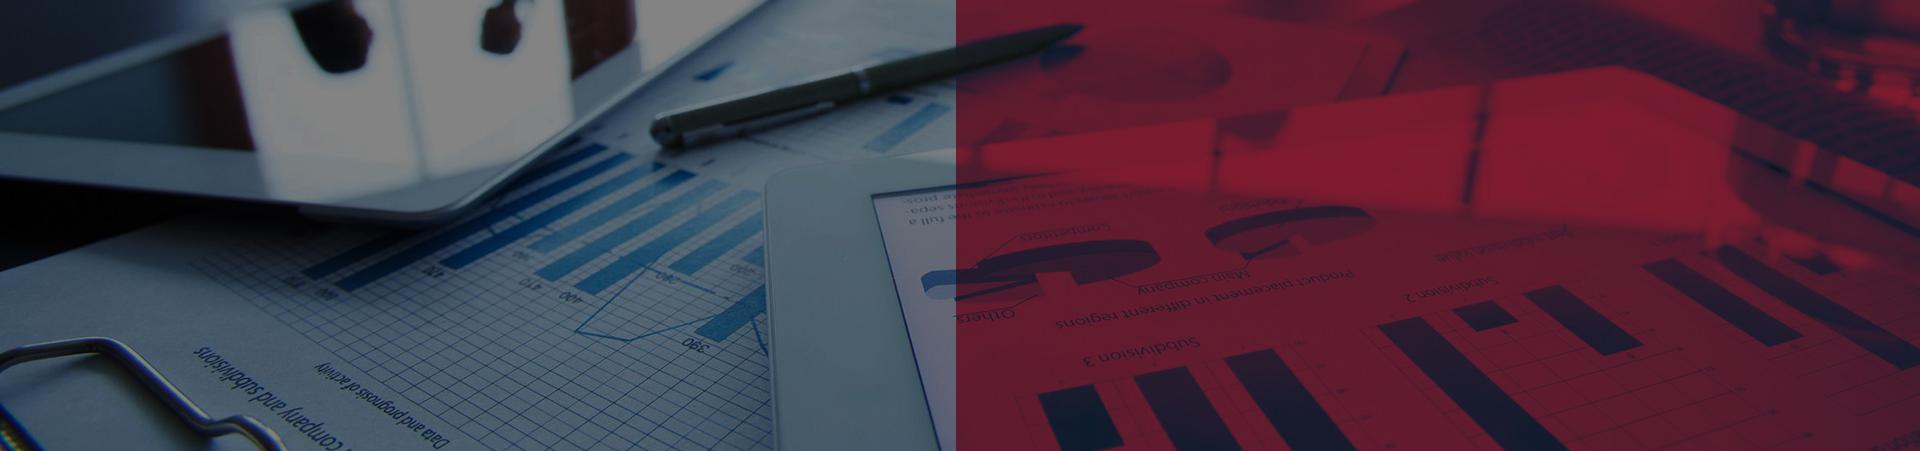 Qualpath Document Management Services